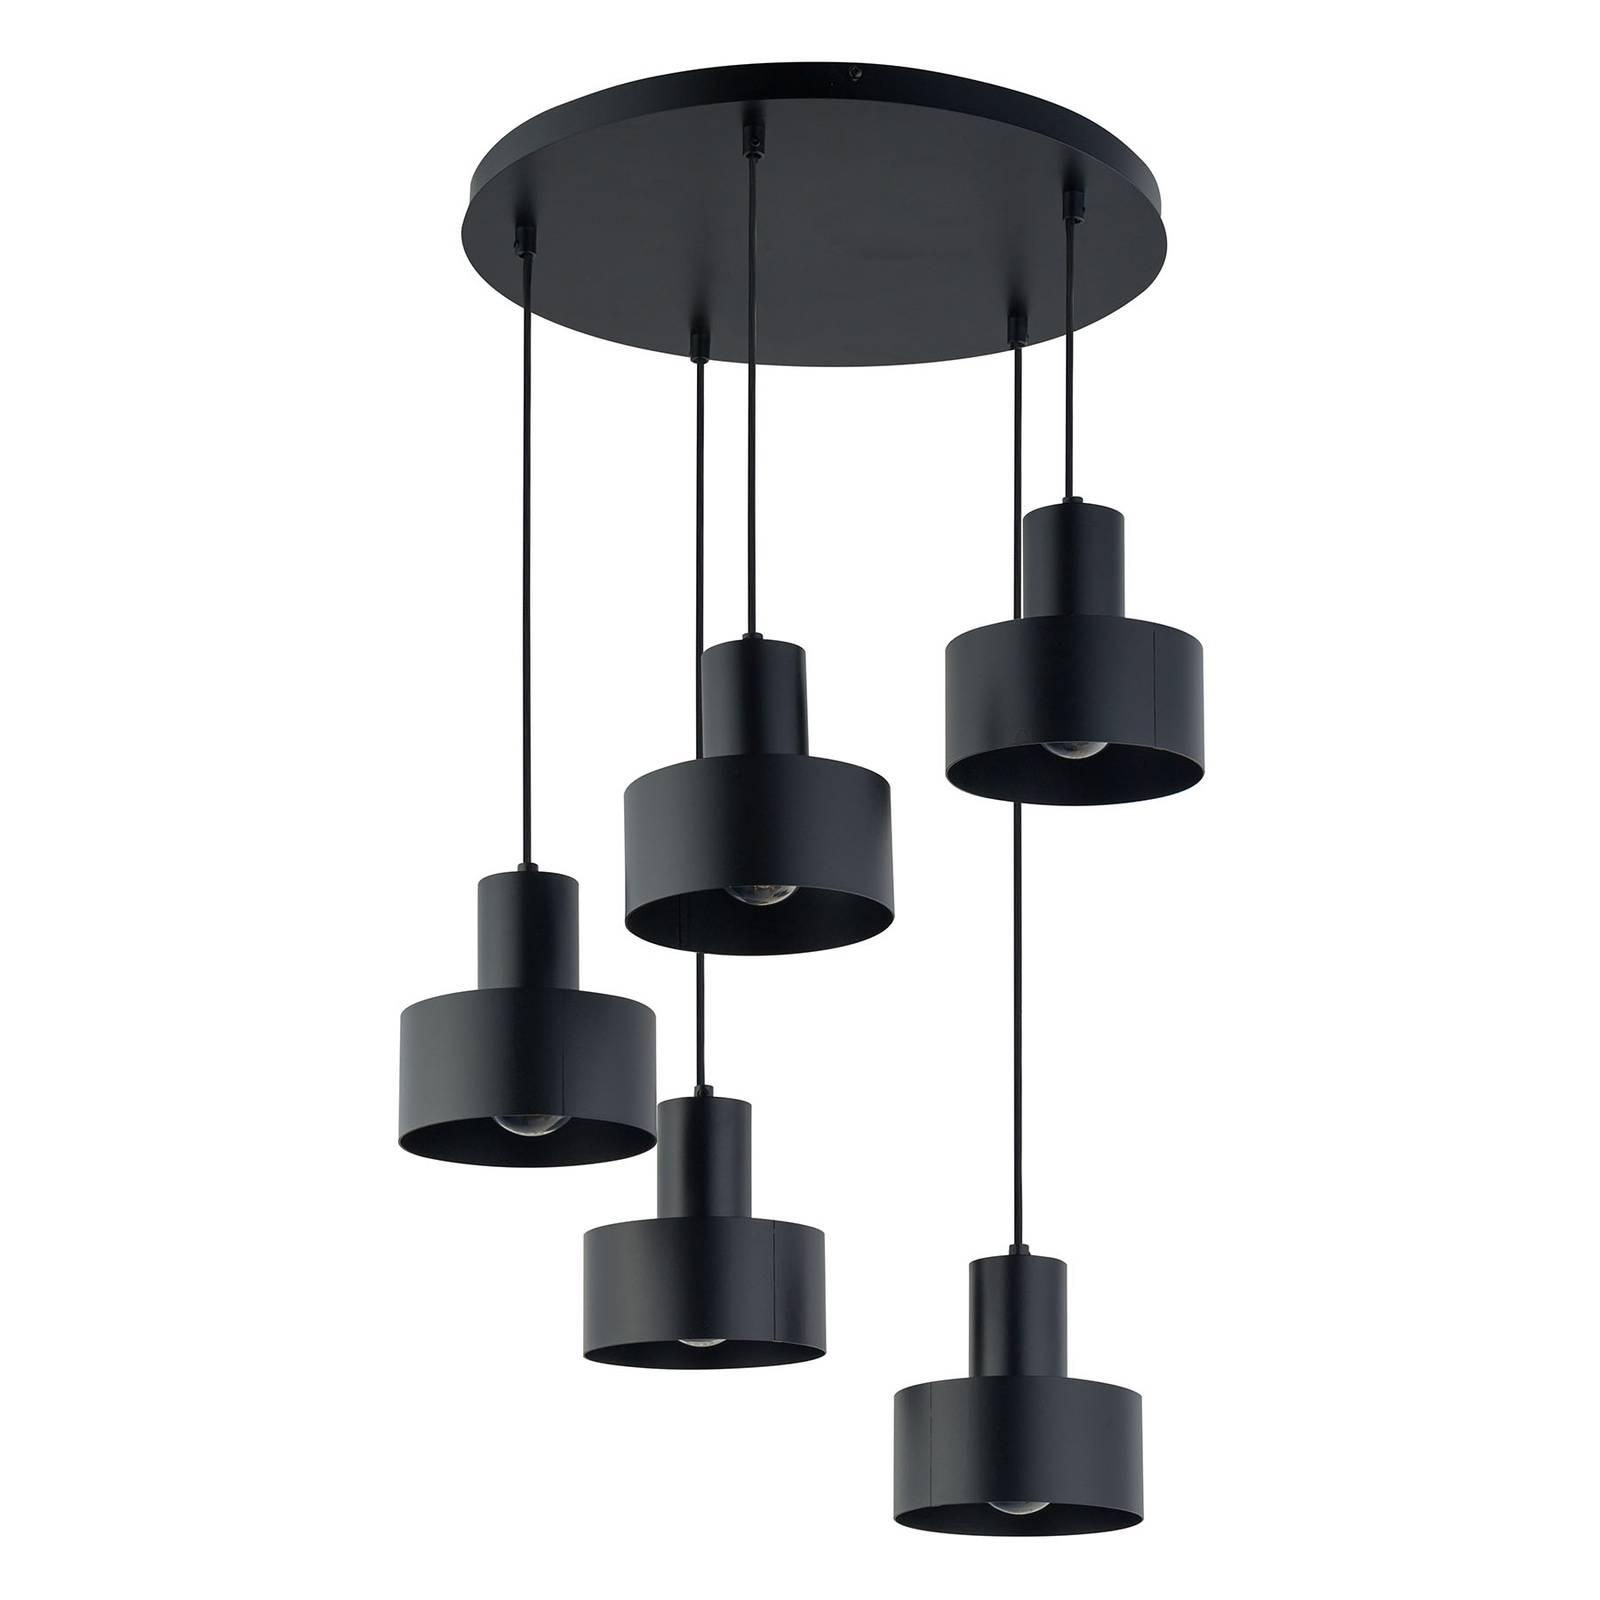 Riippuvalo Rif 5, pyöreä, viisilamppuinen, musta